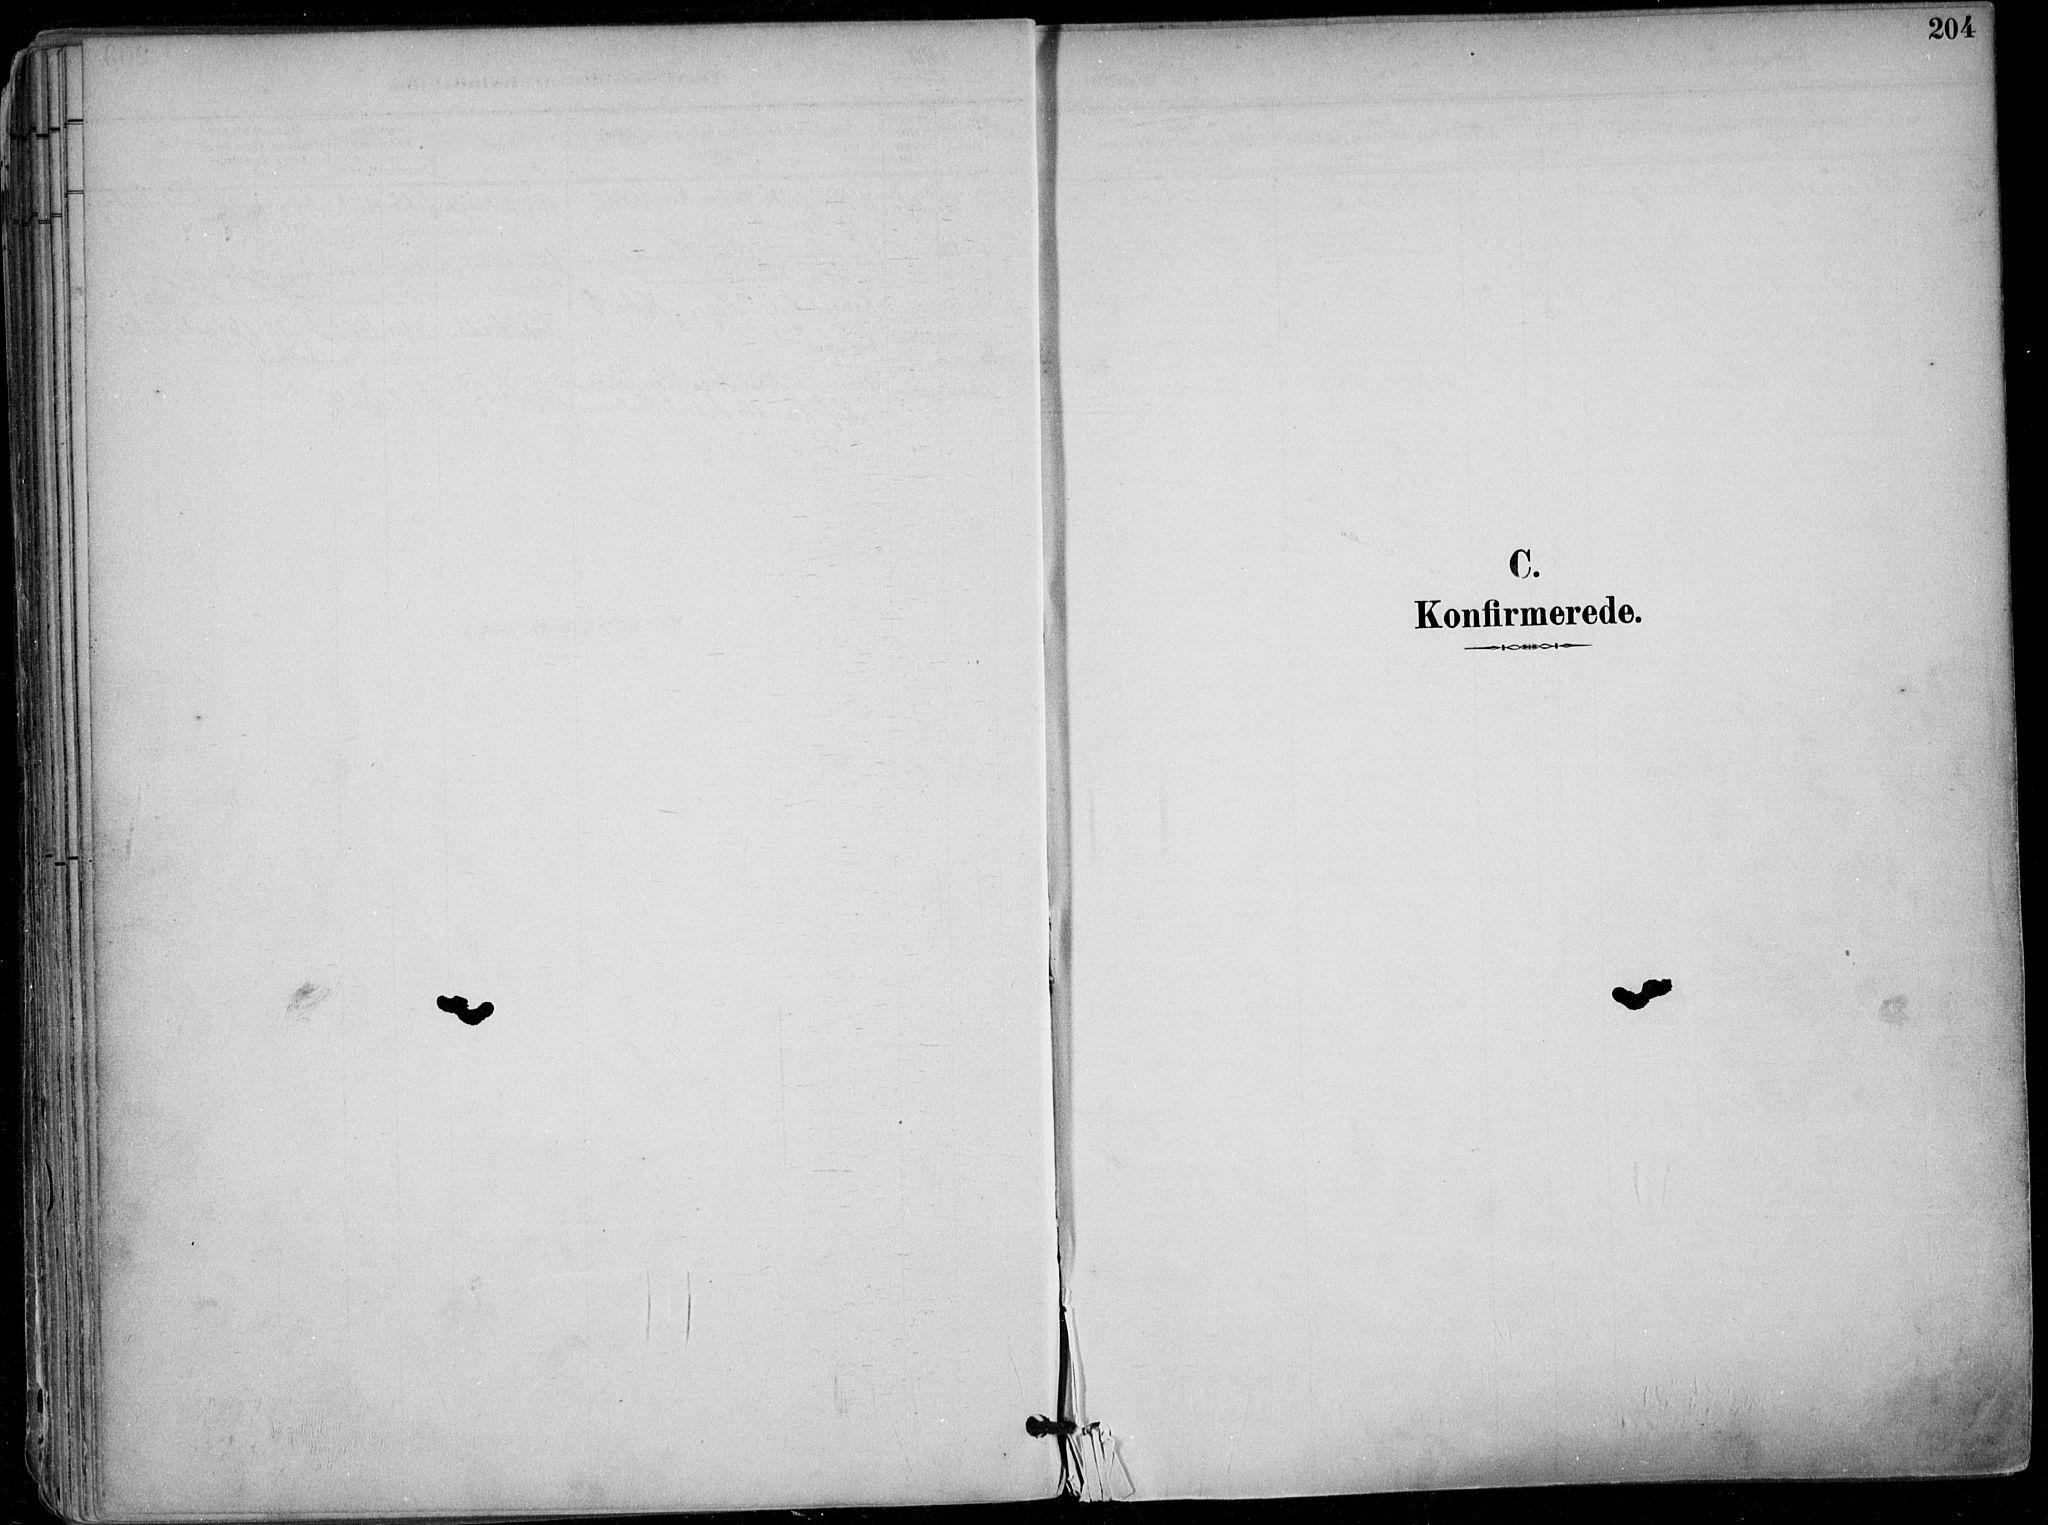 SAKO, Skien kirkebøker, F/Fa/L0010: Ministerialbok nr. 10, 1891-1899, s. 204